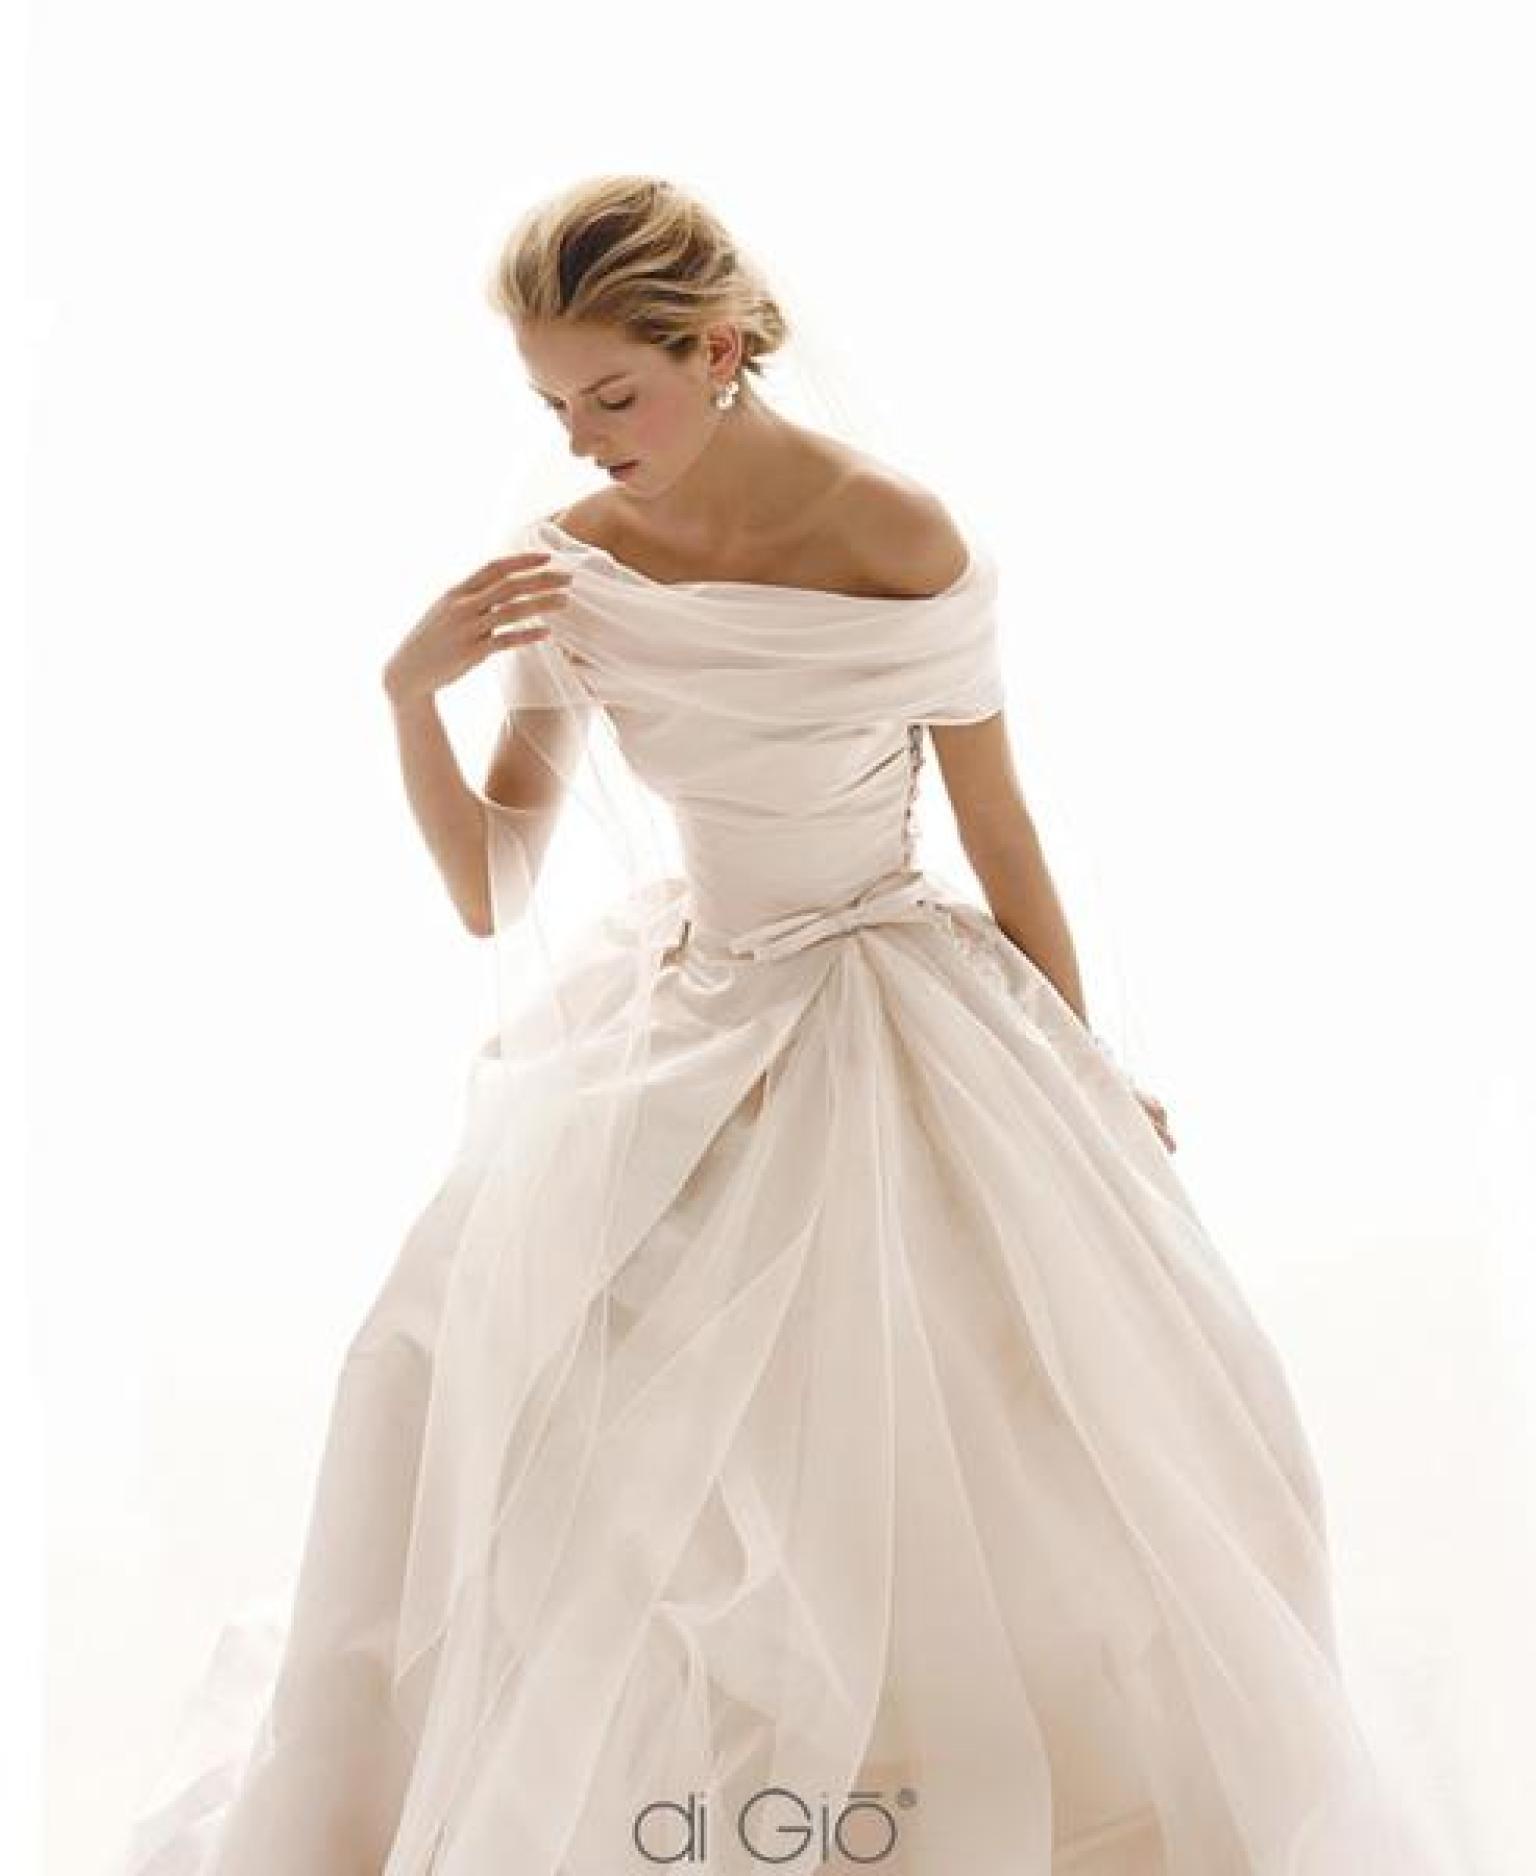 Glancing Wedding Most Sensual Trend Wedding Most Sensual Trend Off Shoulder Wedding Dresses Lace Off Shoulder Wedding Dresses Melbourne wedding dress Off The Shoulder Wedding Dresses